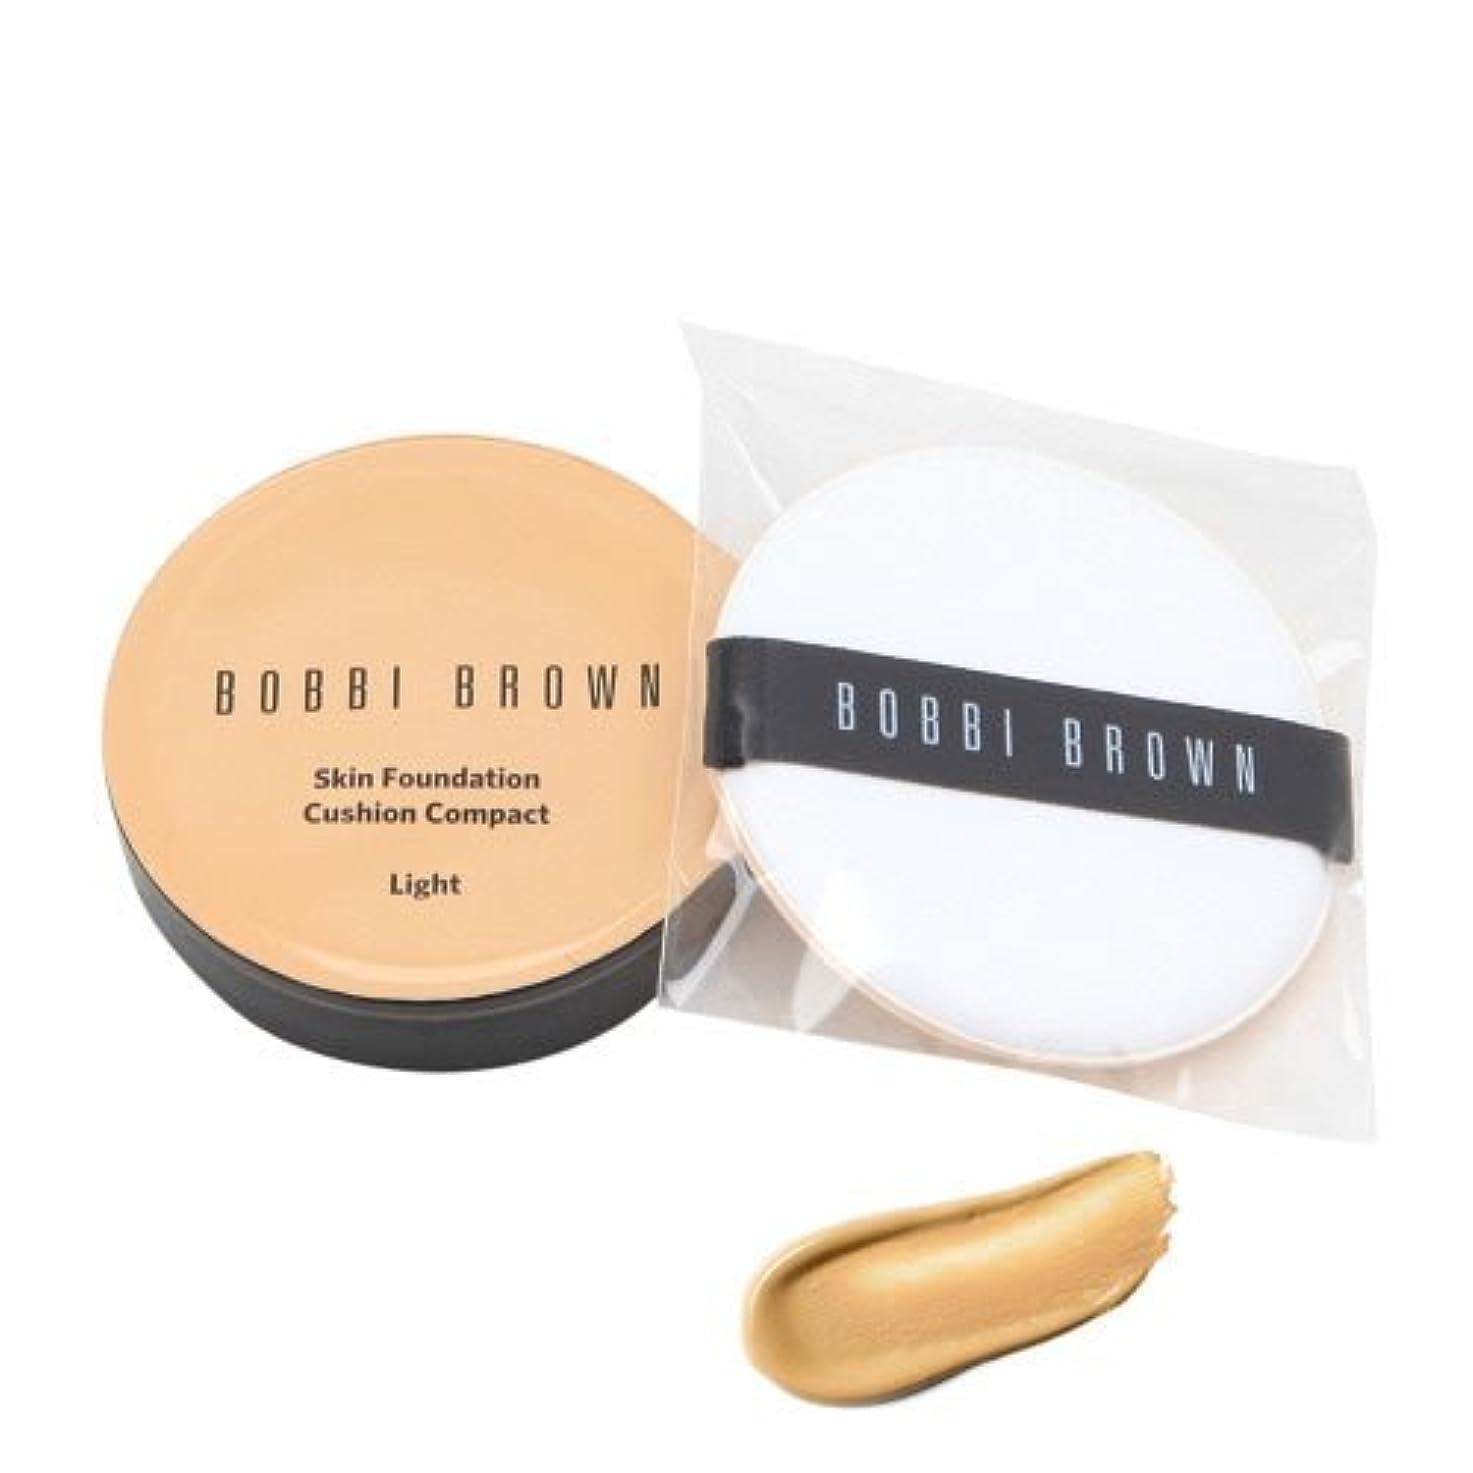 巧みな枠光沢ボビーブラウン BOBBI BROWN スキン ファンデーション クッション コンパクト SPF 50(PA+++) #03 LIGHT [並行輸入品]